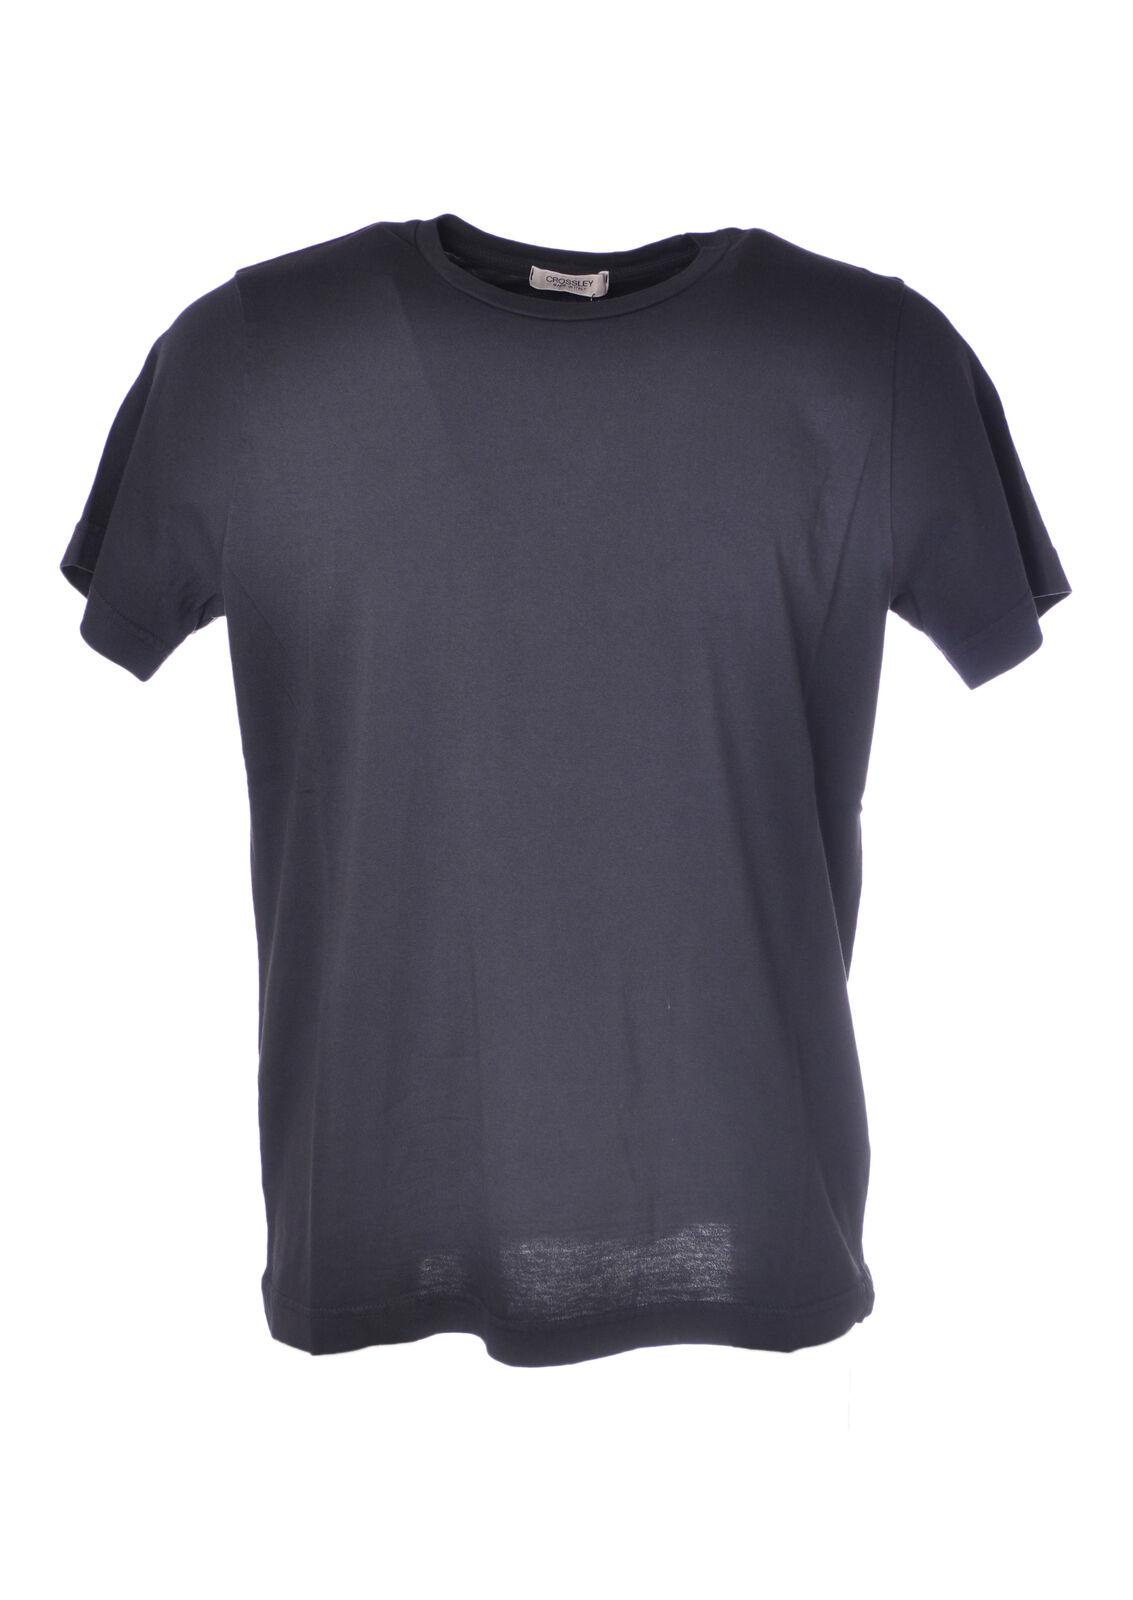 CROSSLEY - Topwear-T-shirts - Man - Blau - 5057025F191315